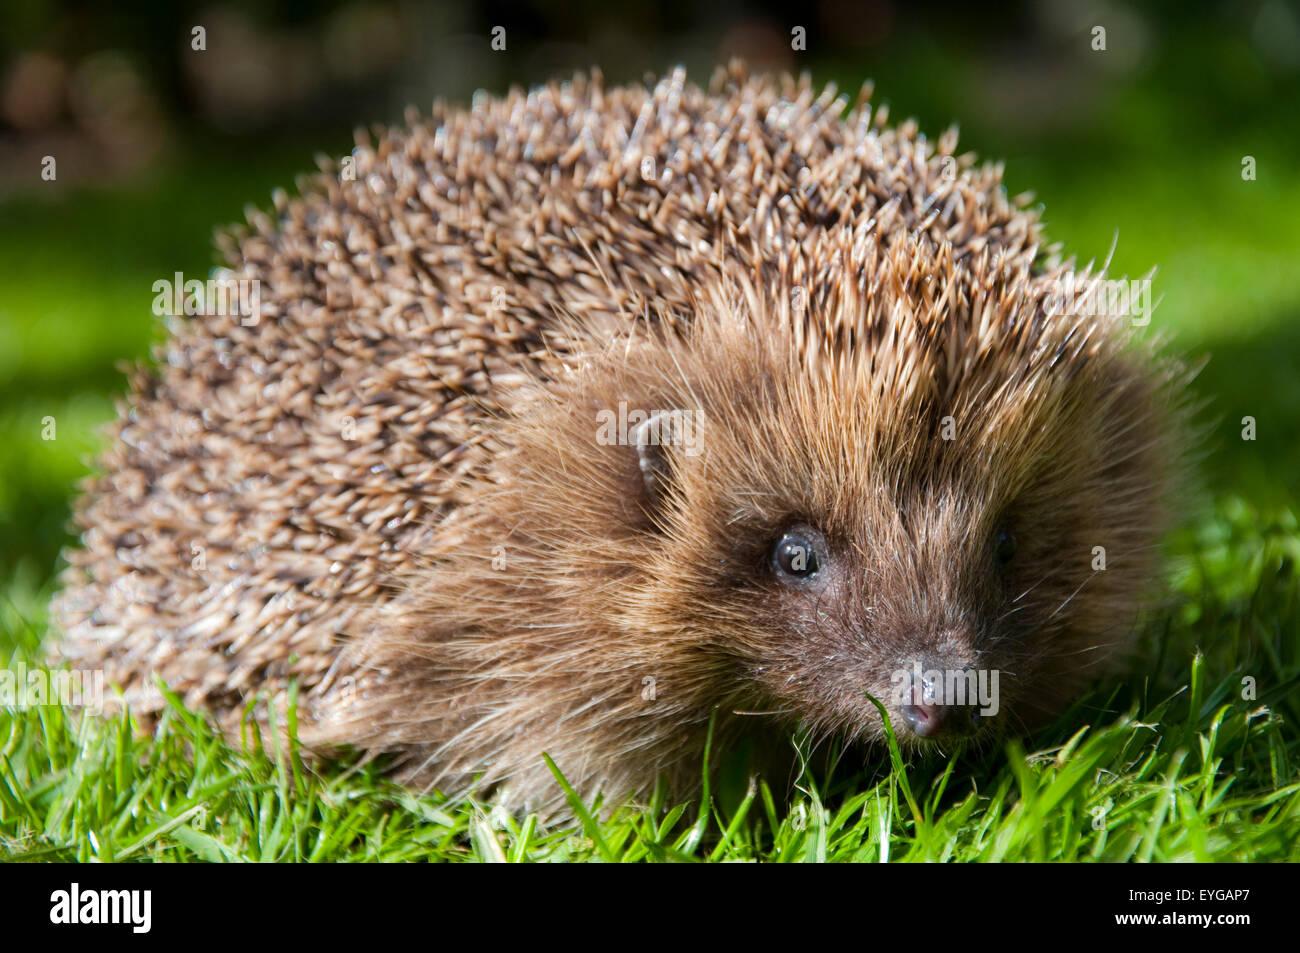 A hedgehog. - Stock Image